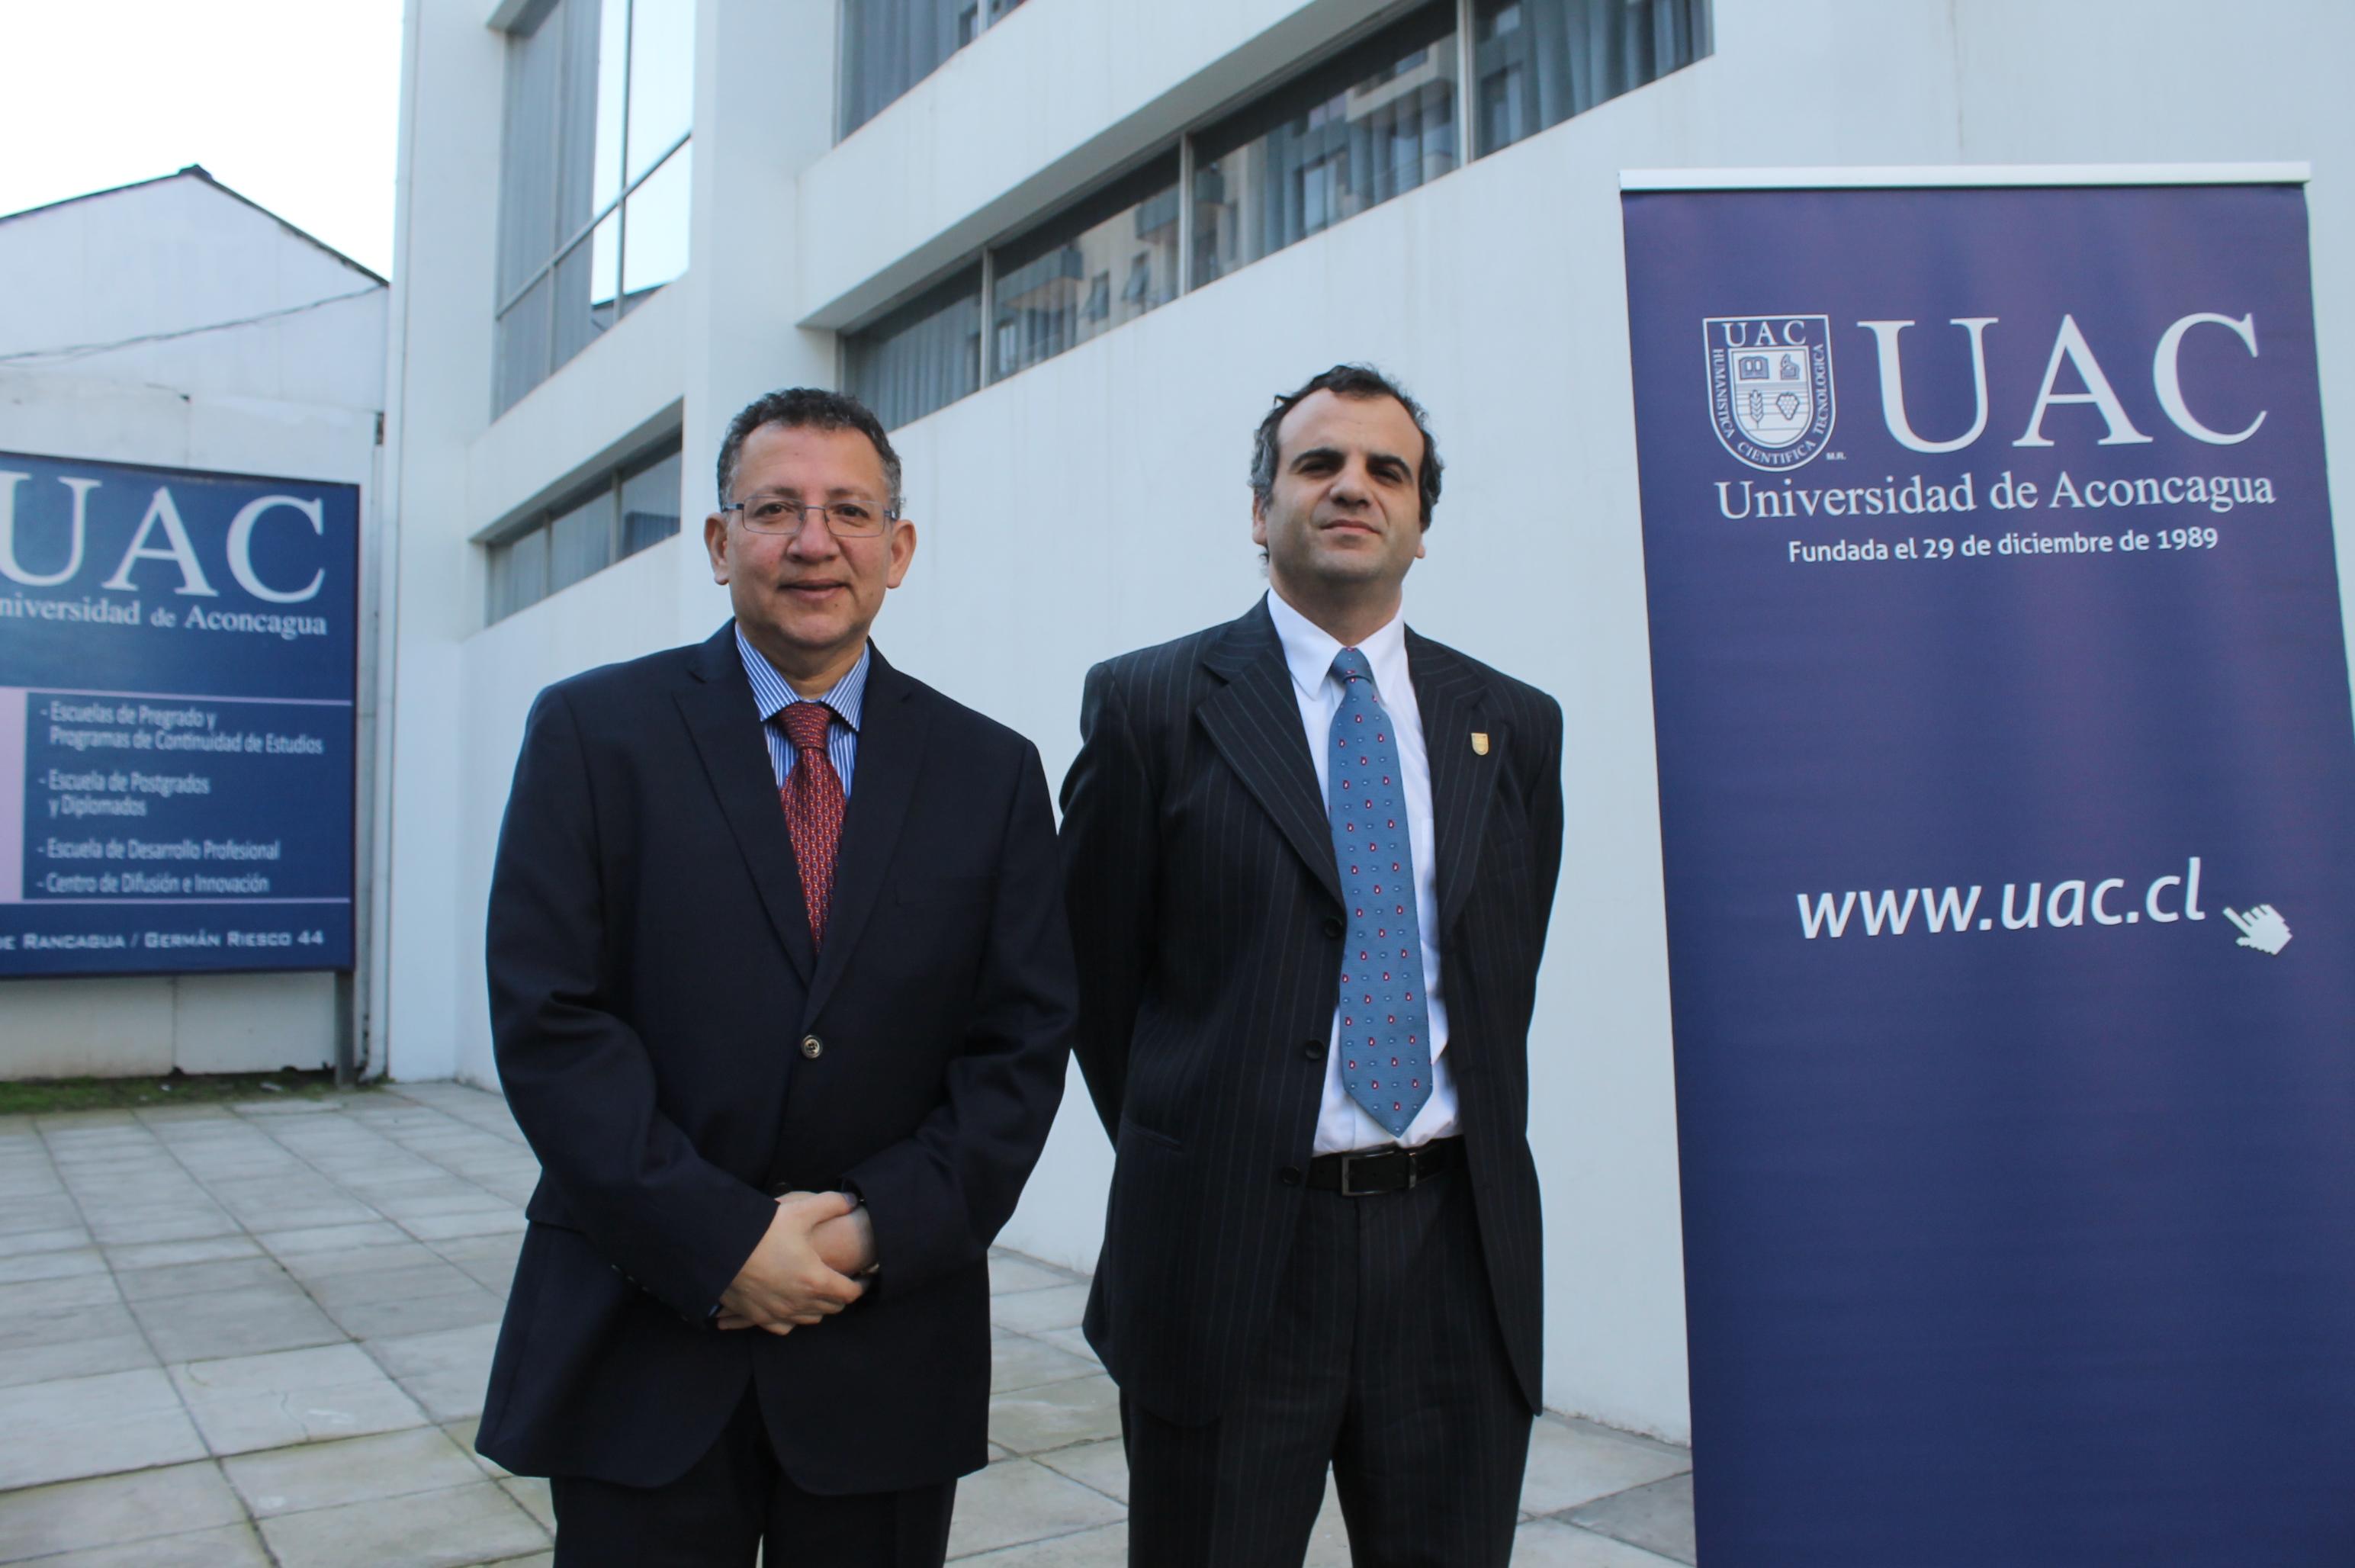 Christian Mauricio León es el nuevo director de la Universidad de Aconcagua en la Región de O'Higgins. En la imagen junto al rector de la Universidad de Aconcagua, Gastón Zegard Latrach.